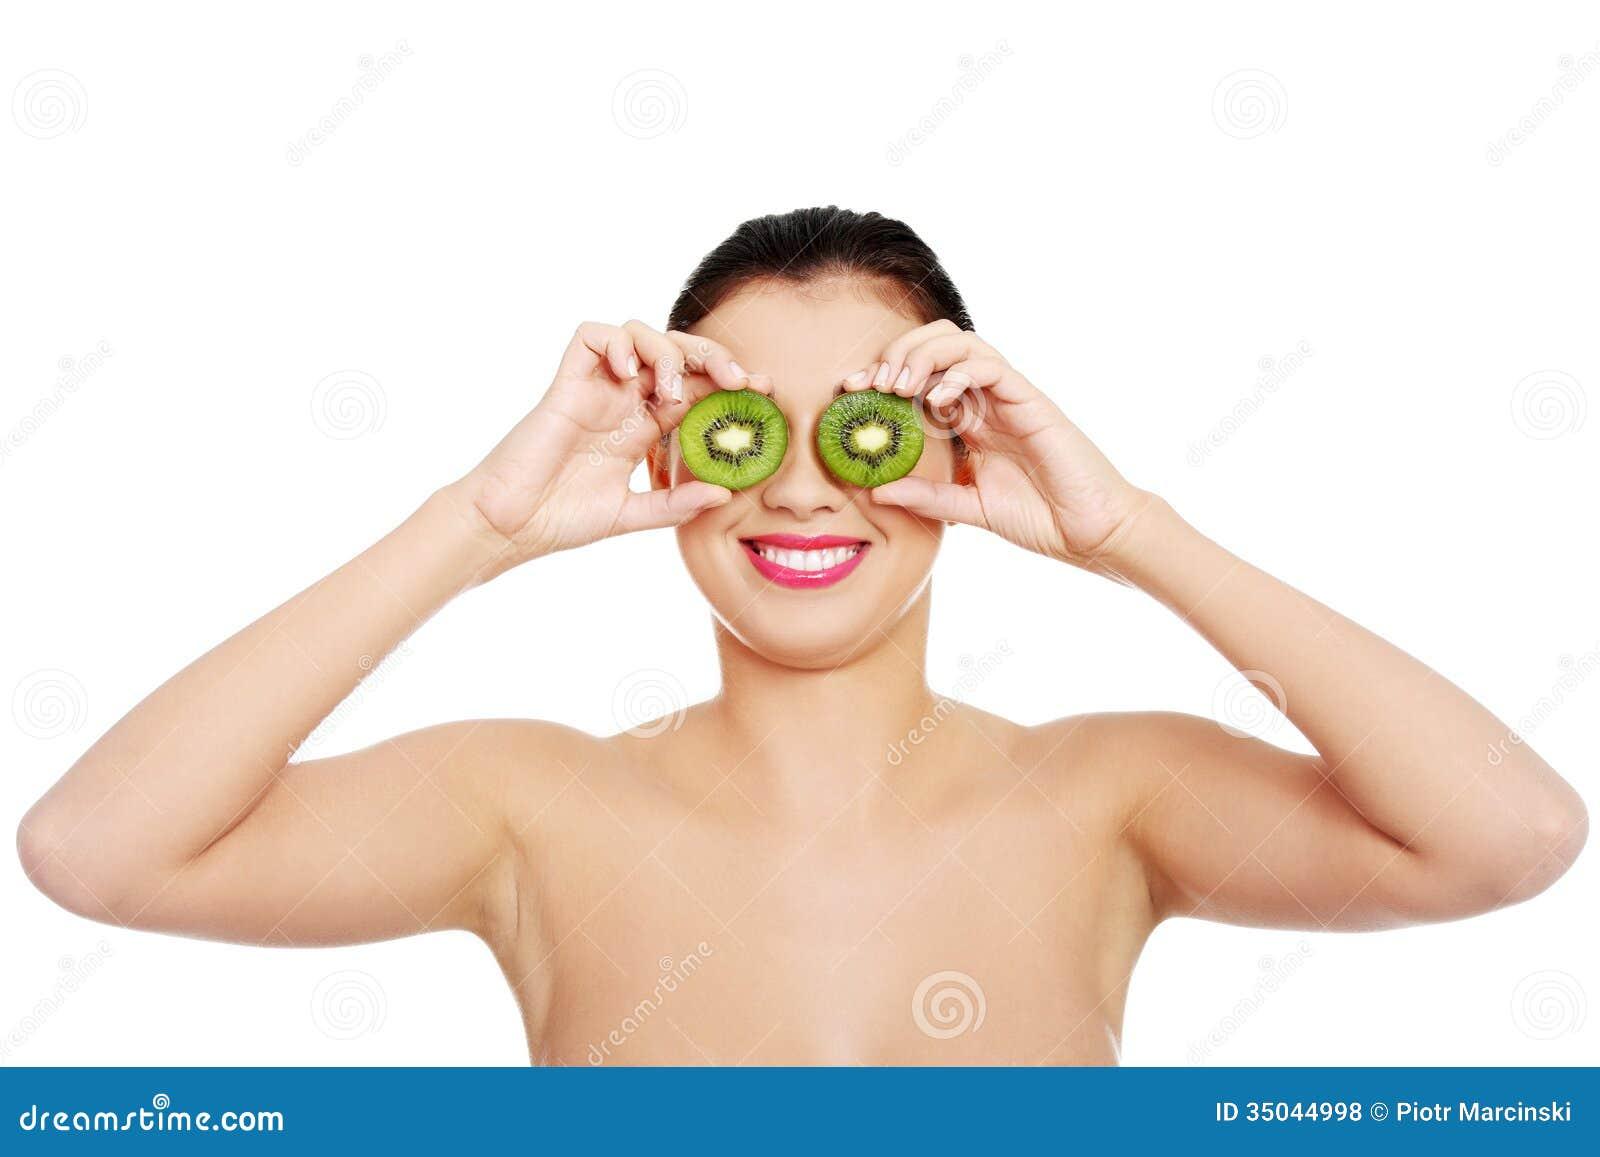 kiwi chinese girl naked image